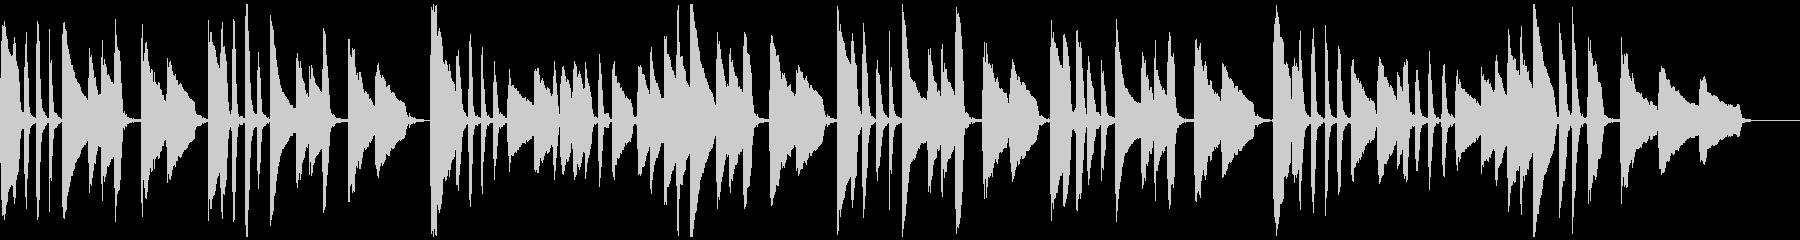 ヤマハ音楽教室の曲_ドイツ民謡「池の雨」の未再生の波形